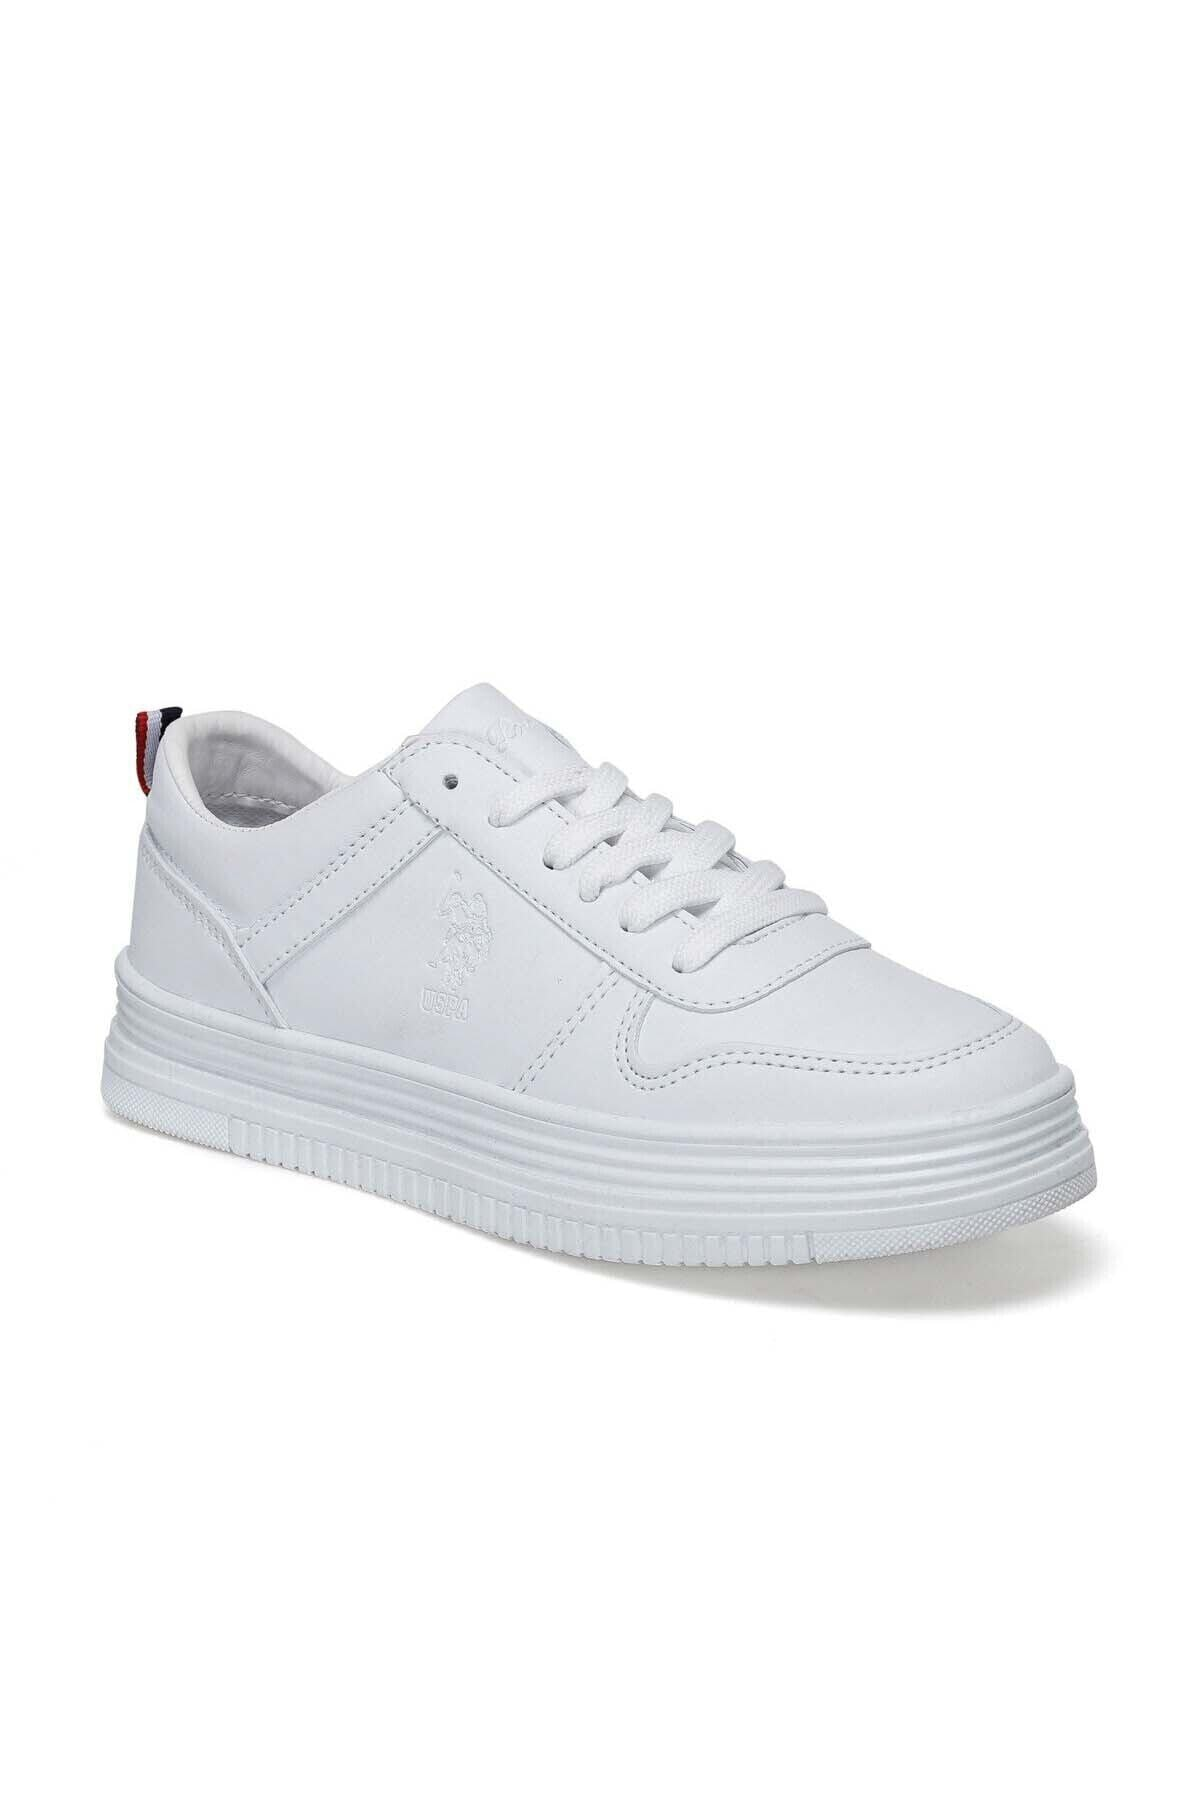 U.S. Polo Assn. Kadın Beyaz Spor Ayakkabı 100371036 1